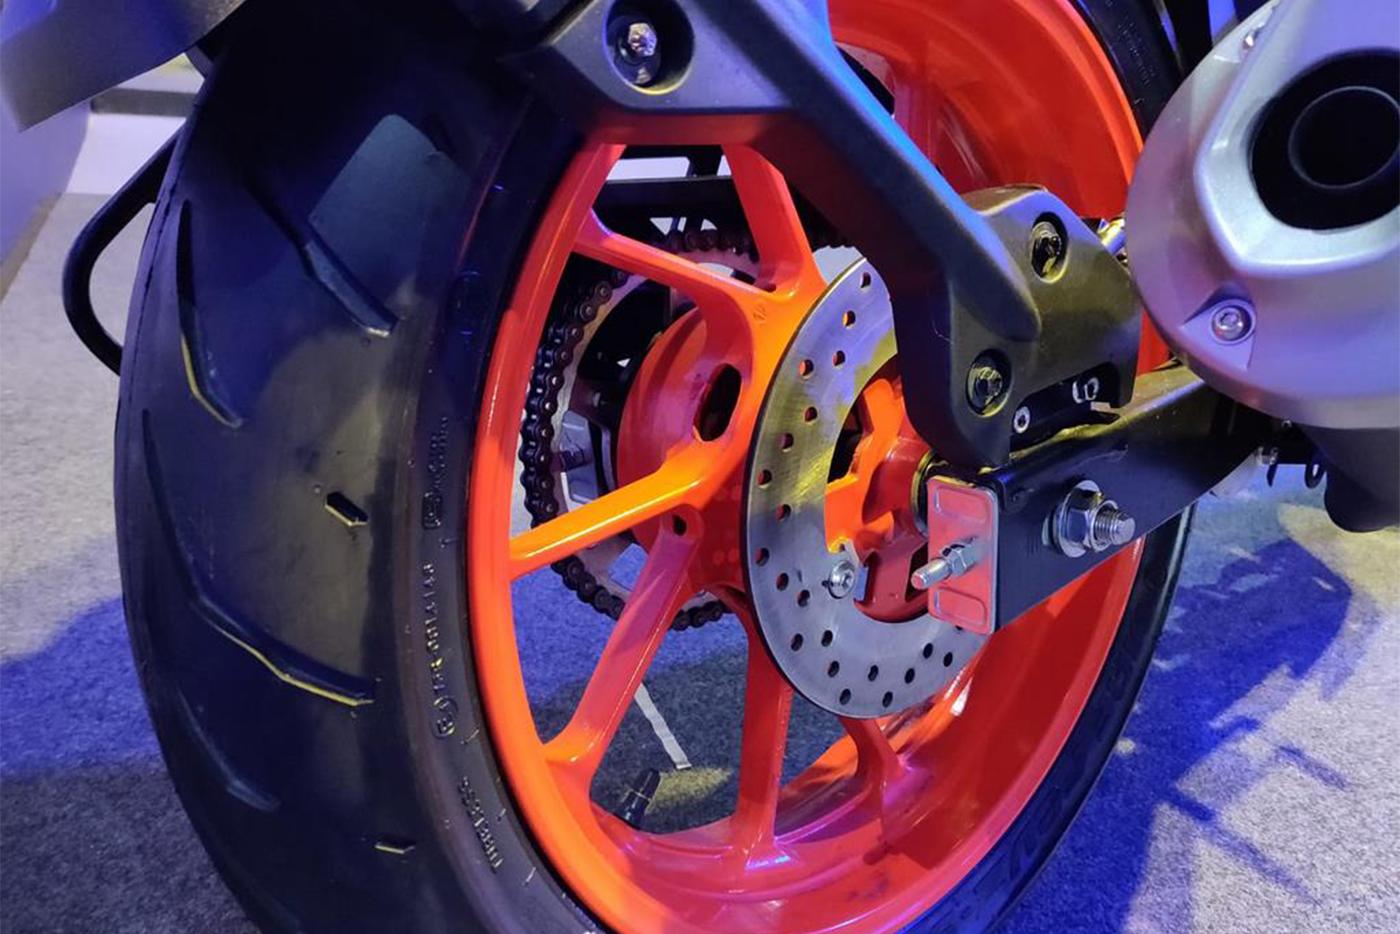 bs-vi-yamaha-mt-15-rear-wheel-c74d.jpg